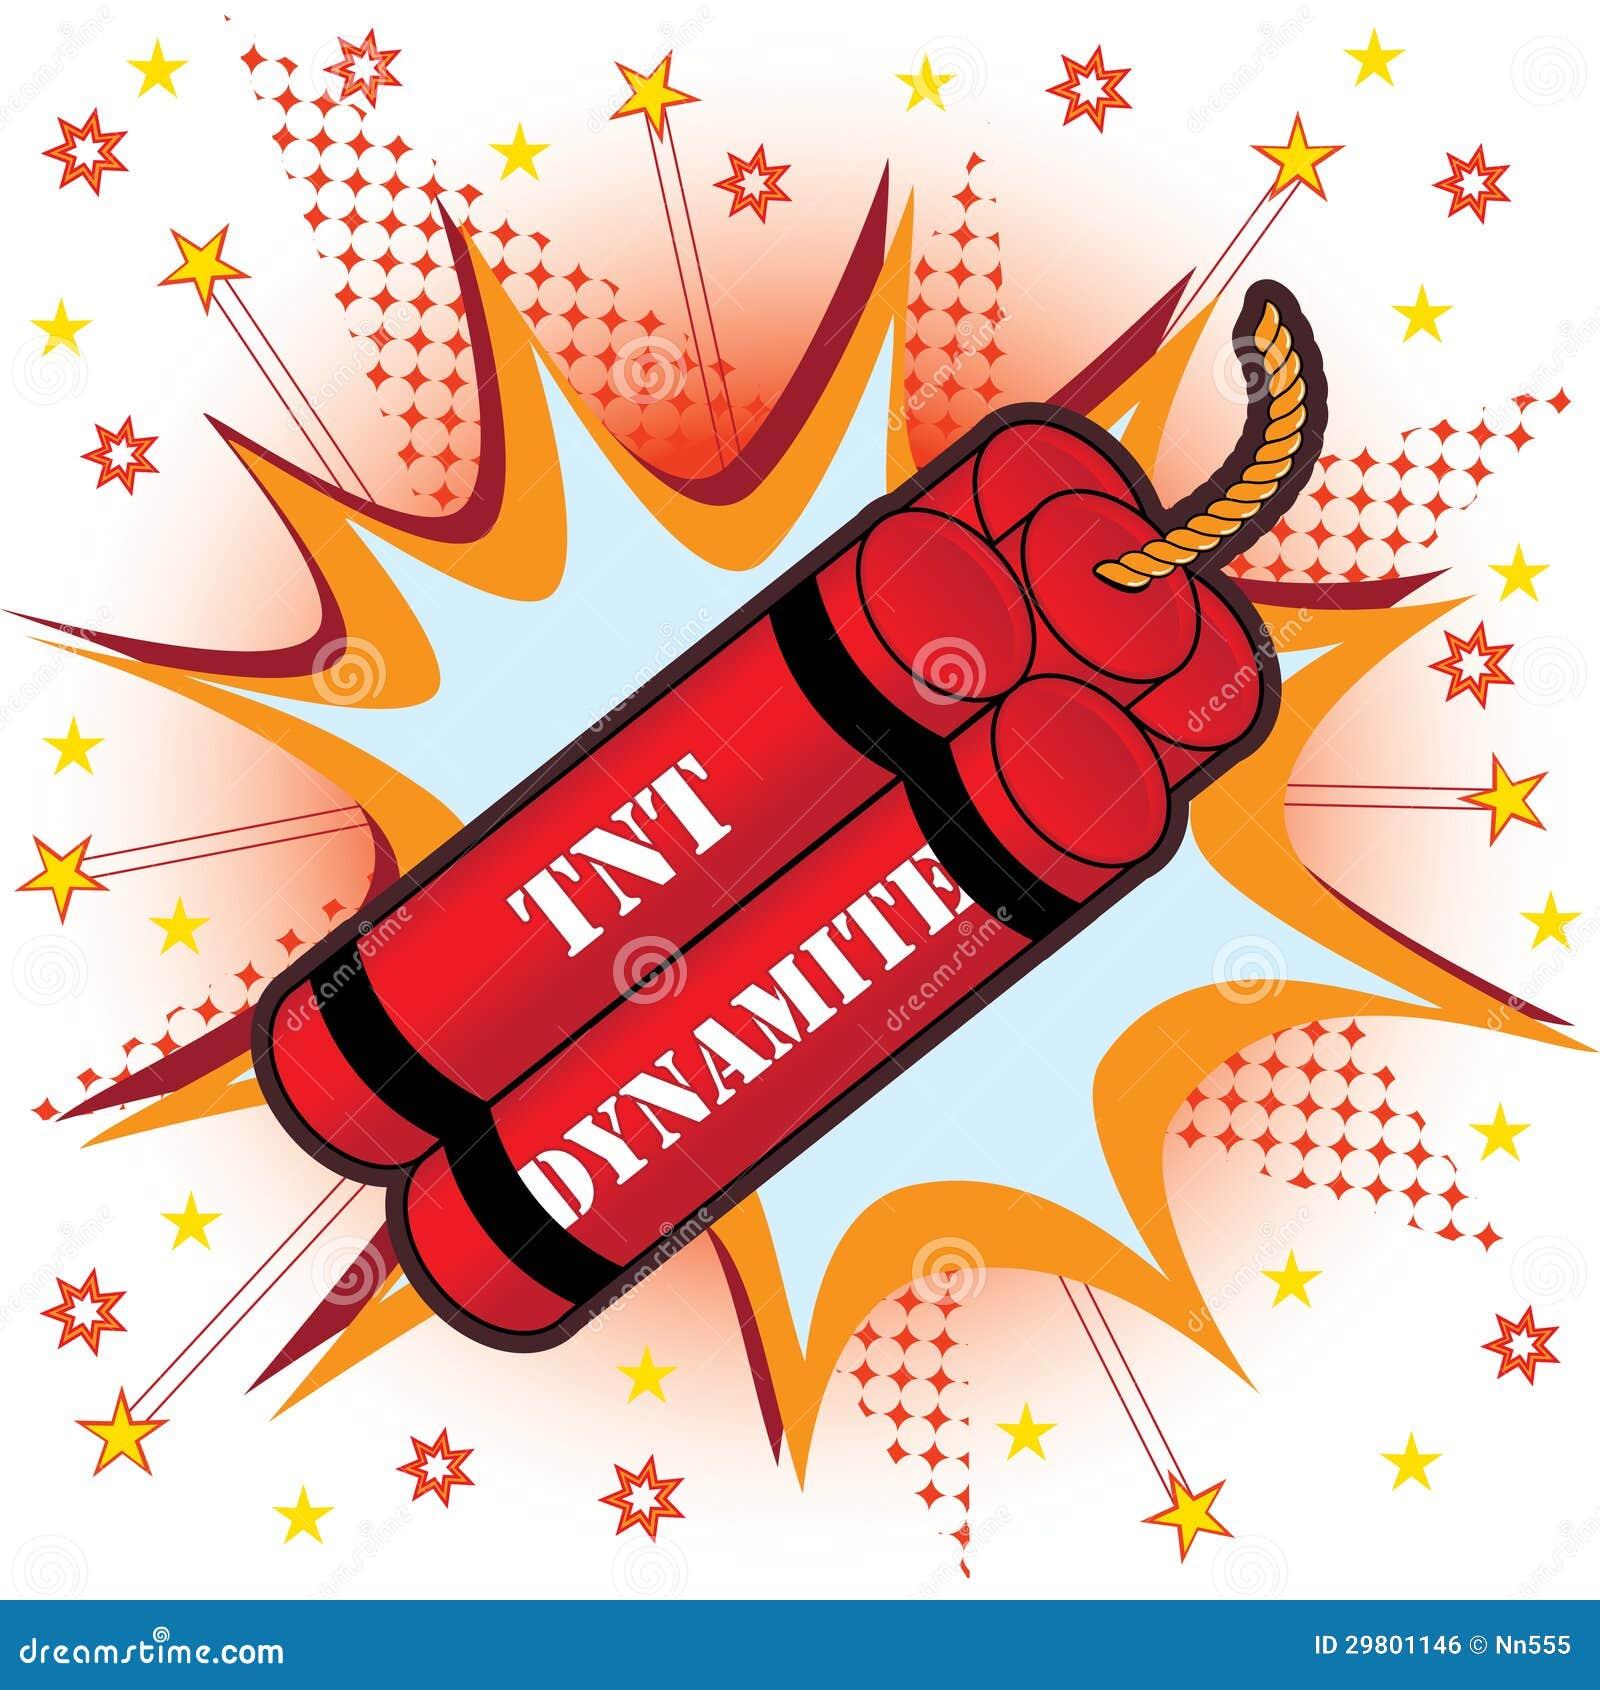 alfred nobel dynamite